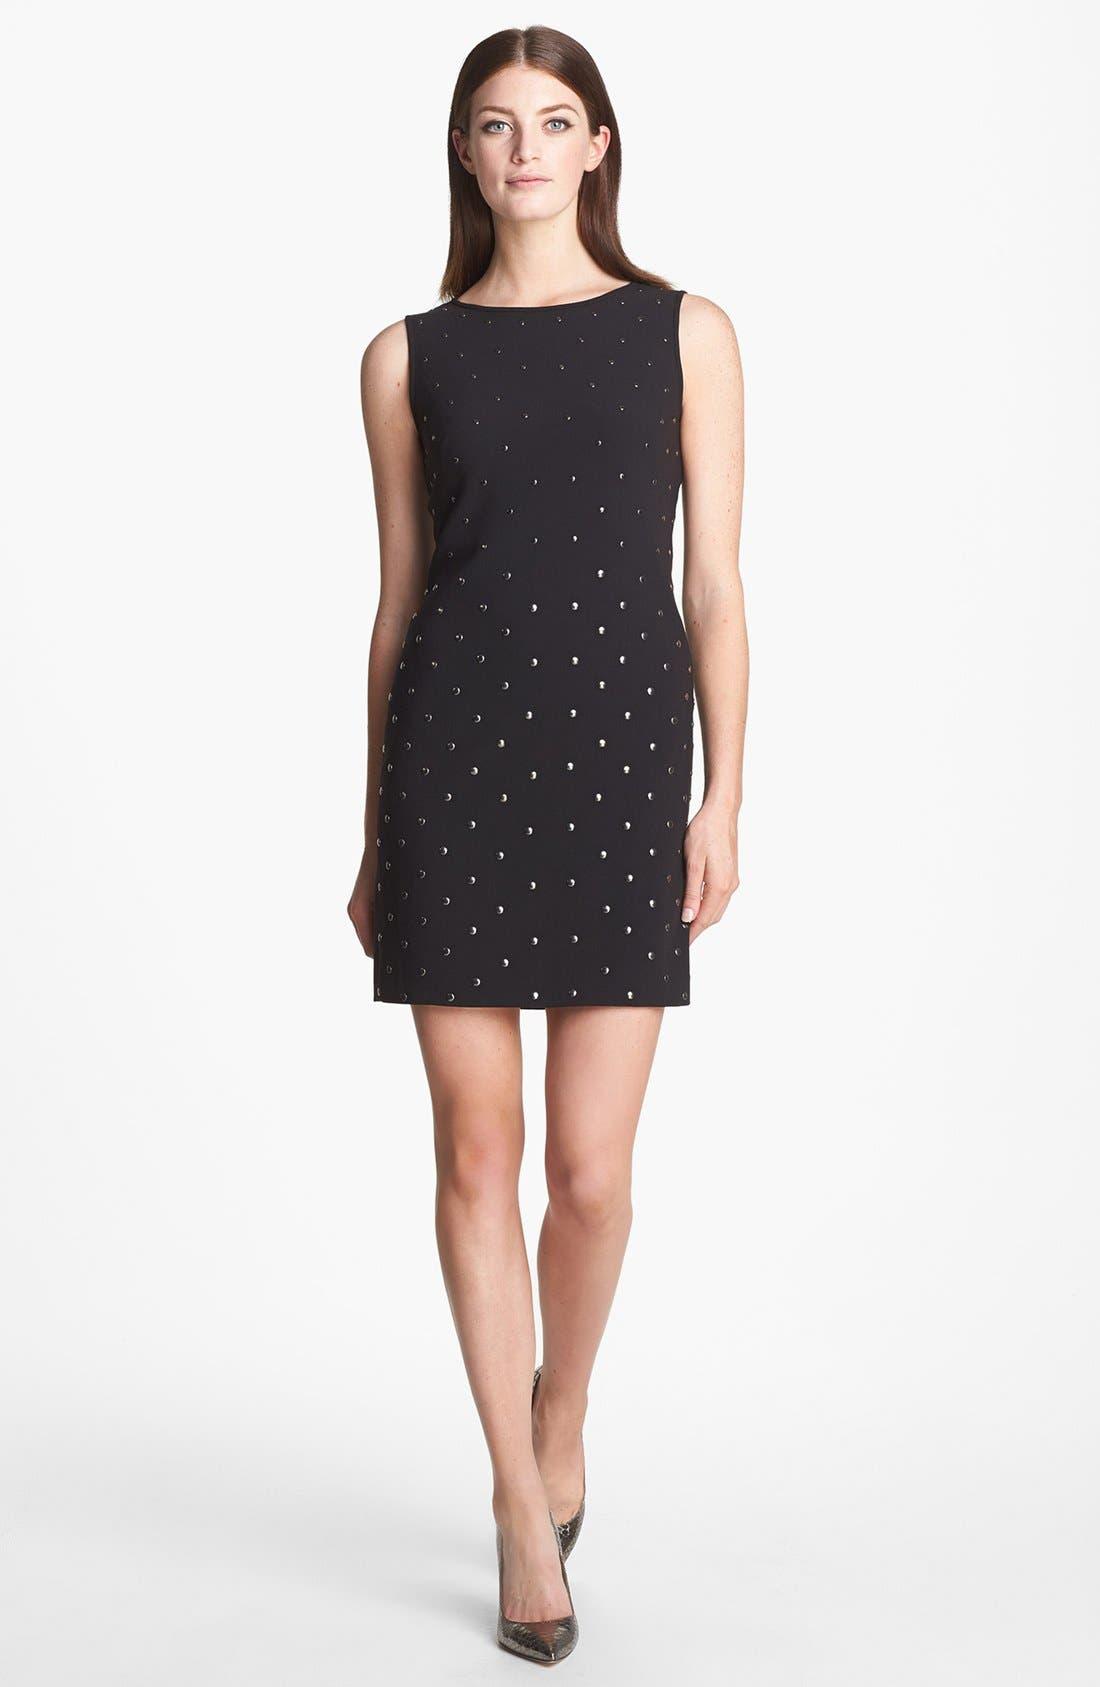 Alternate Image 1 Selected - Aidan by Aidan Mattox Studded Ponte Knit Sheath Dress